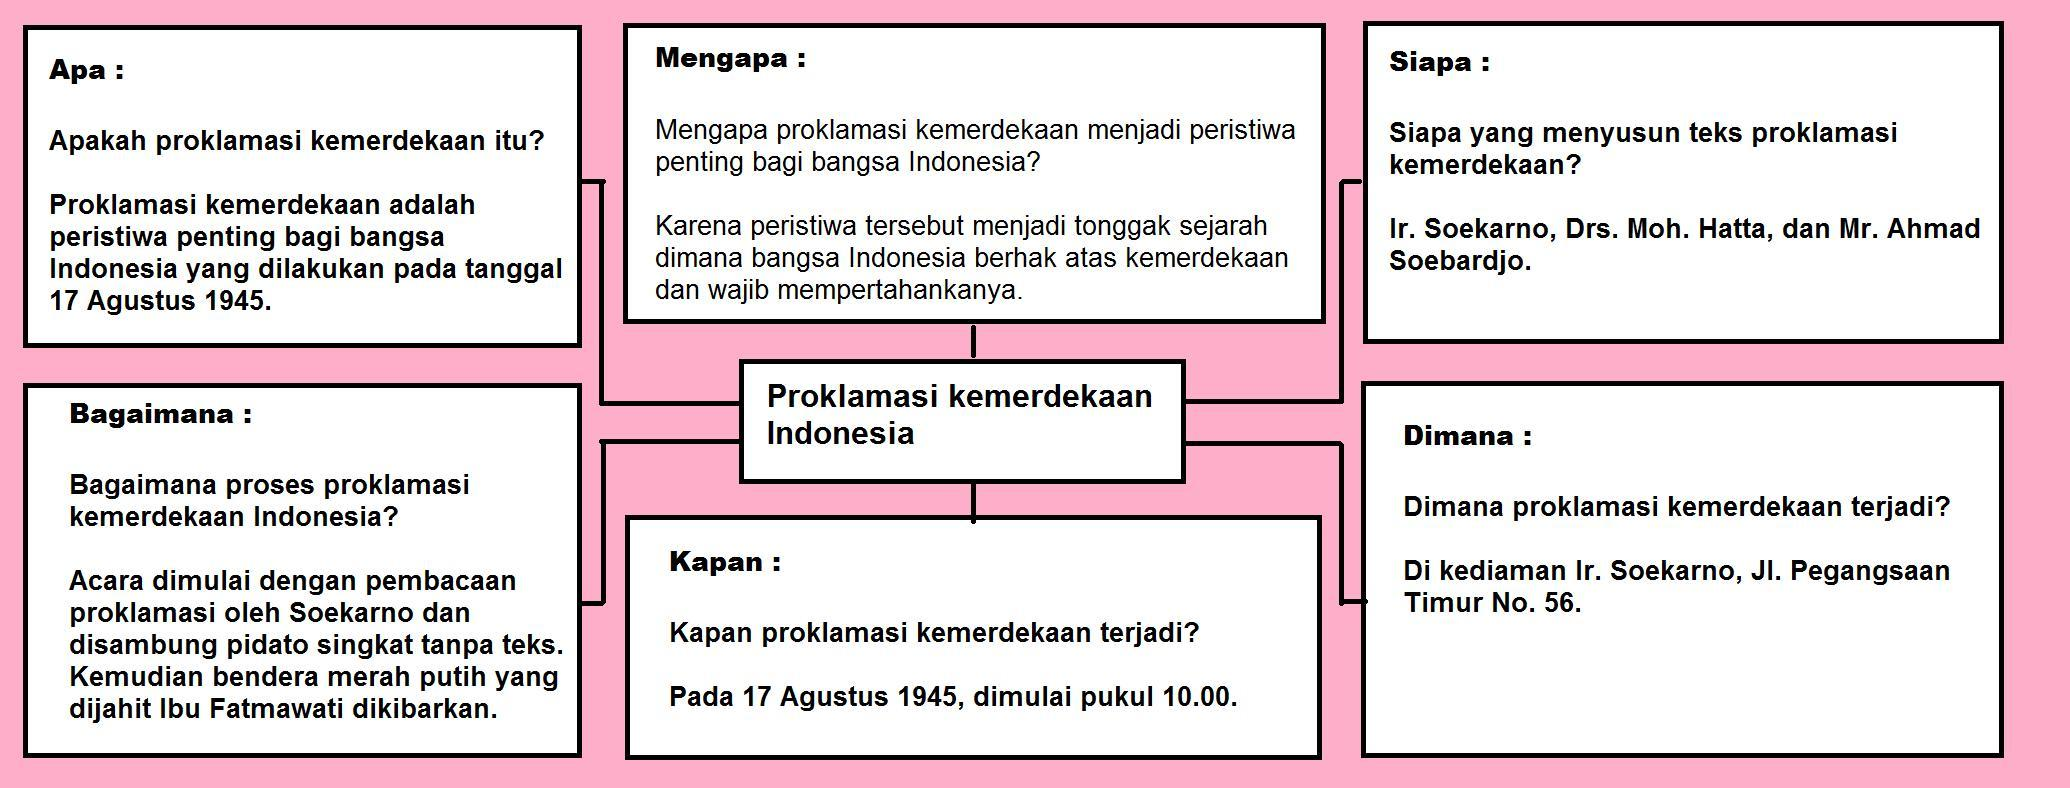 Jawaban Tema 2 Kelas 6 Halaman 2 Dan 3 Brainly Co Id